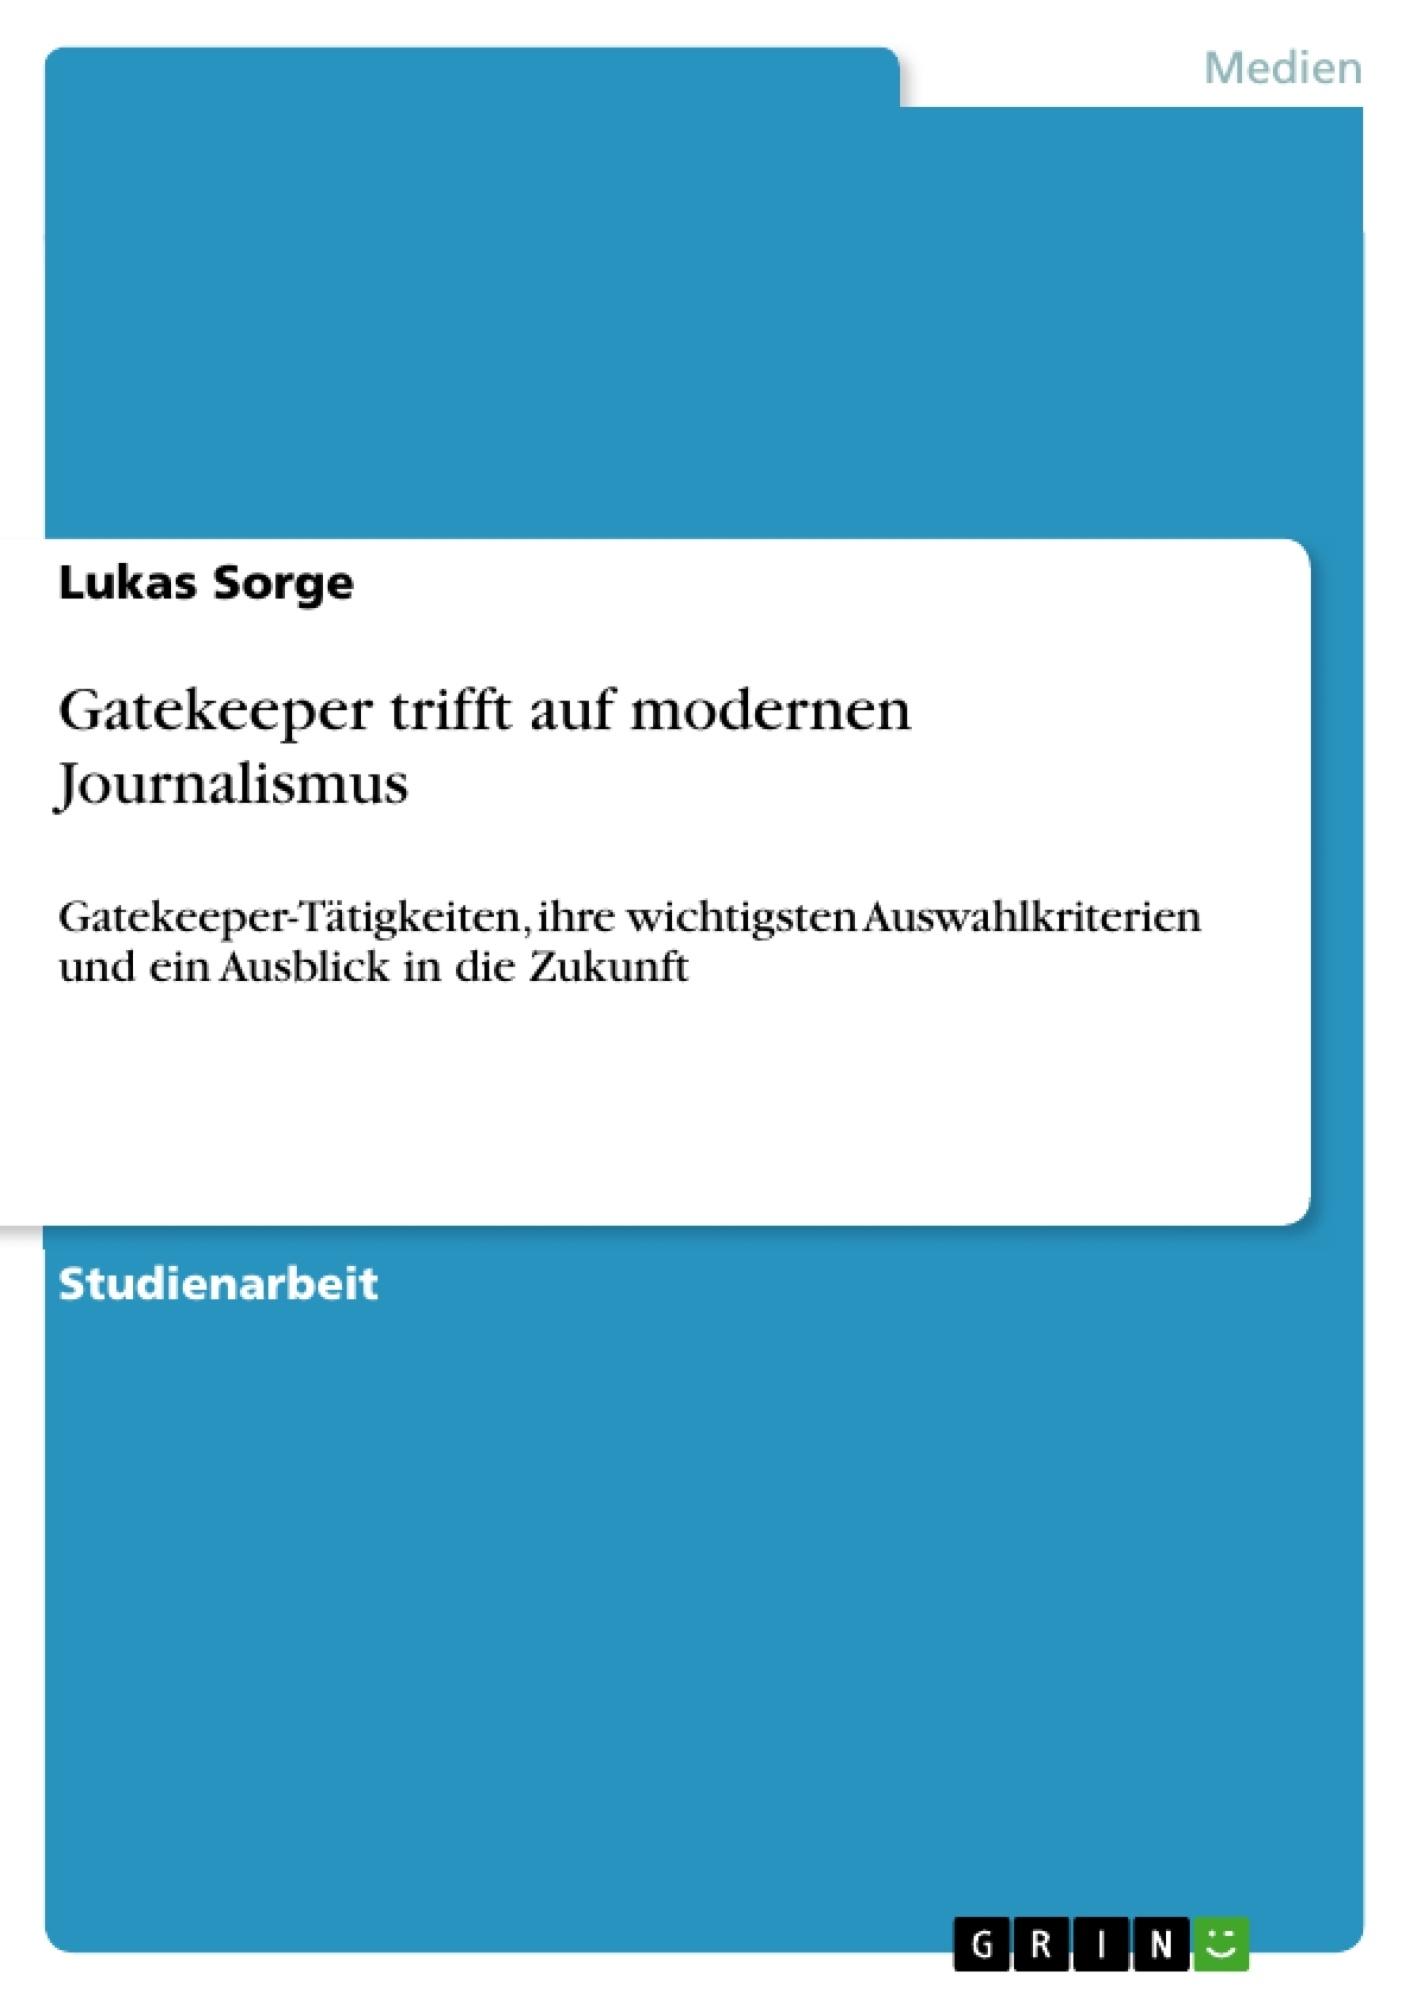 Titel: Gatekeeper trifft auf modernen Journalismus